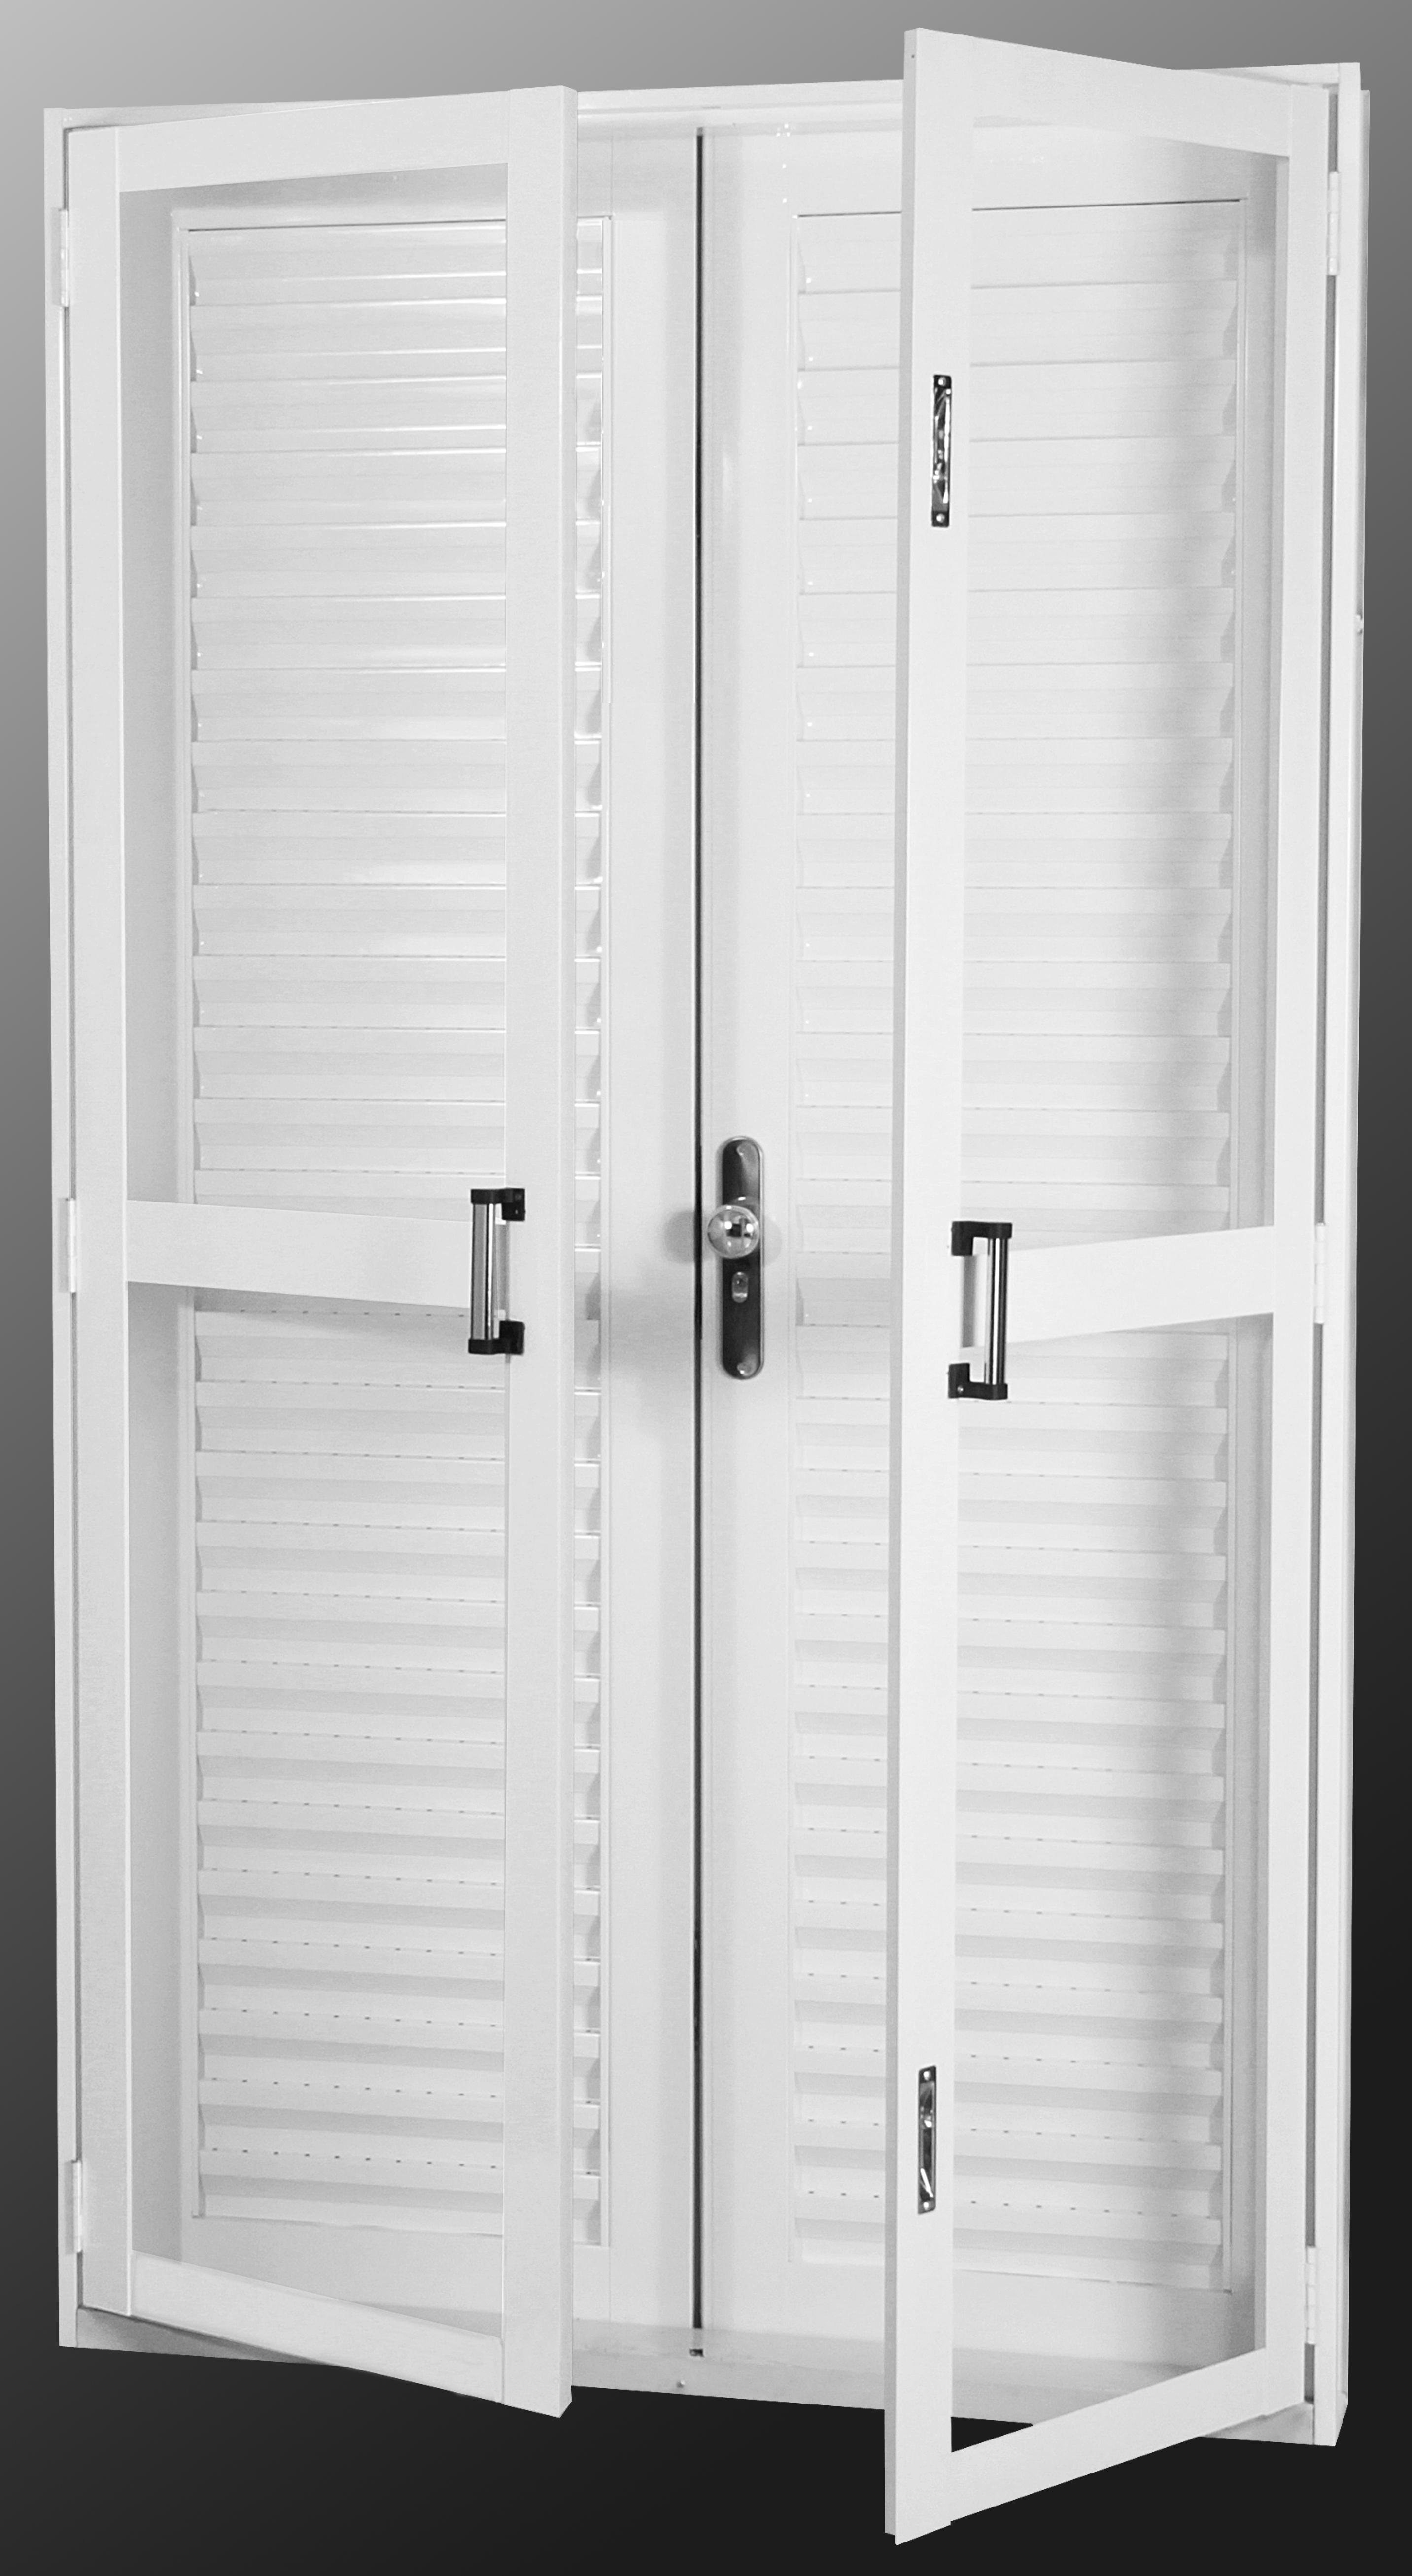 #666666 Vitrolar Portas e Janelas 1412 Quanto Custa Uma Janela De Aluminio Branco